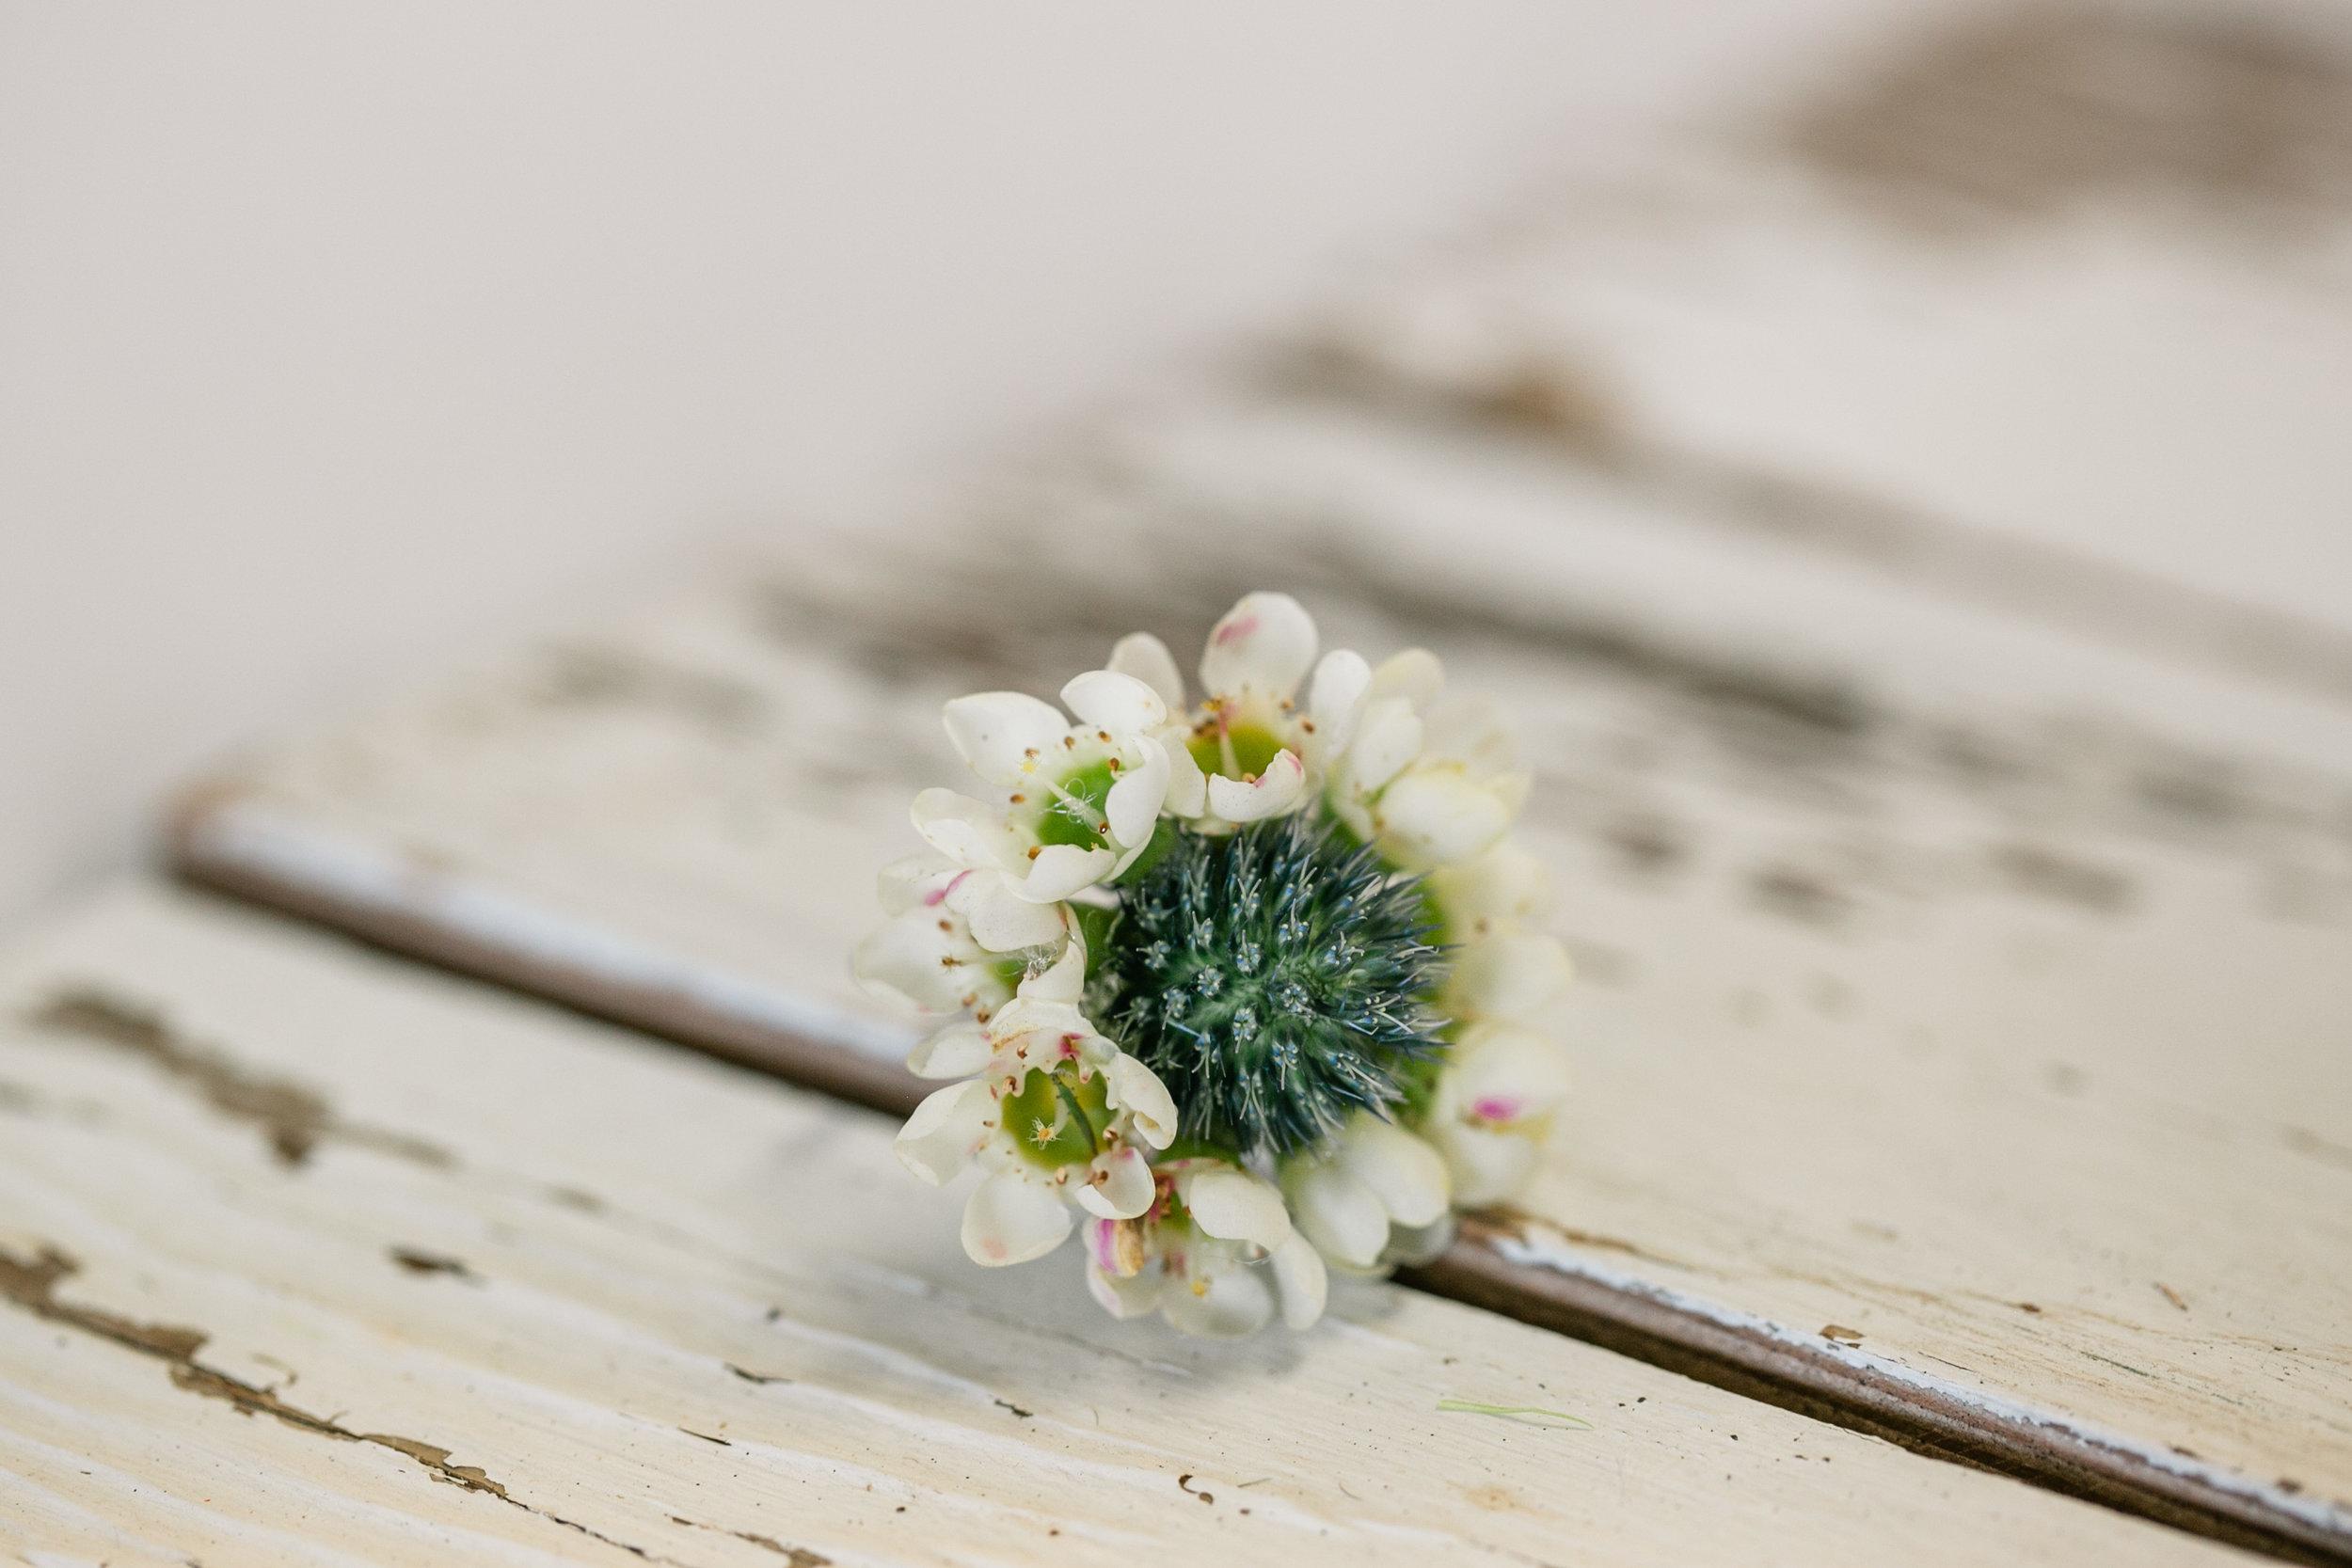 LAV-BLUE-des-moines-prom-flowers-26.jpg